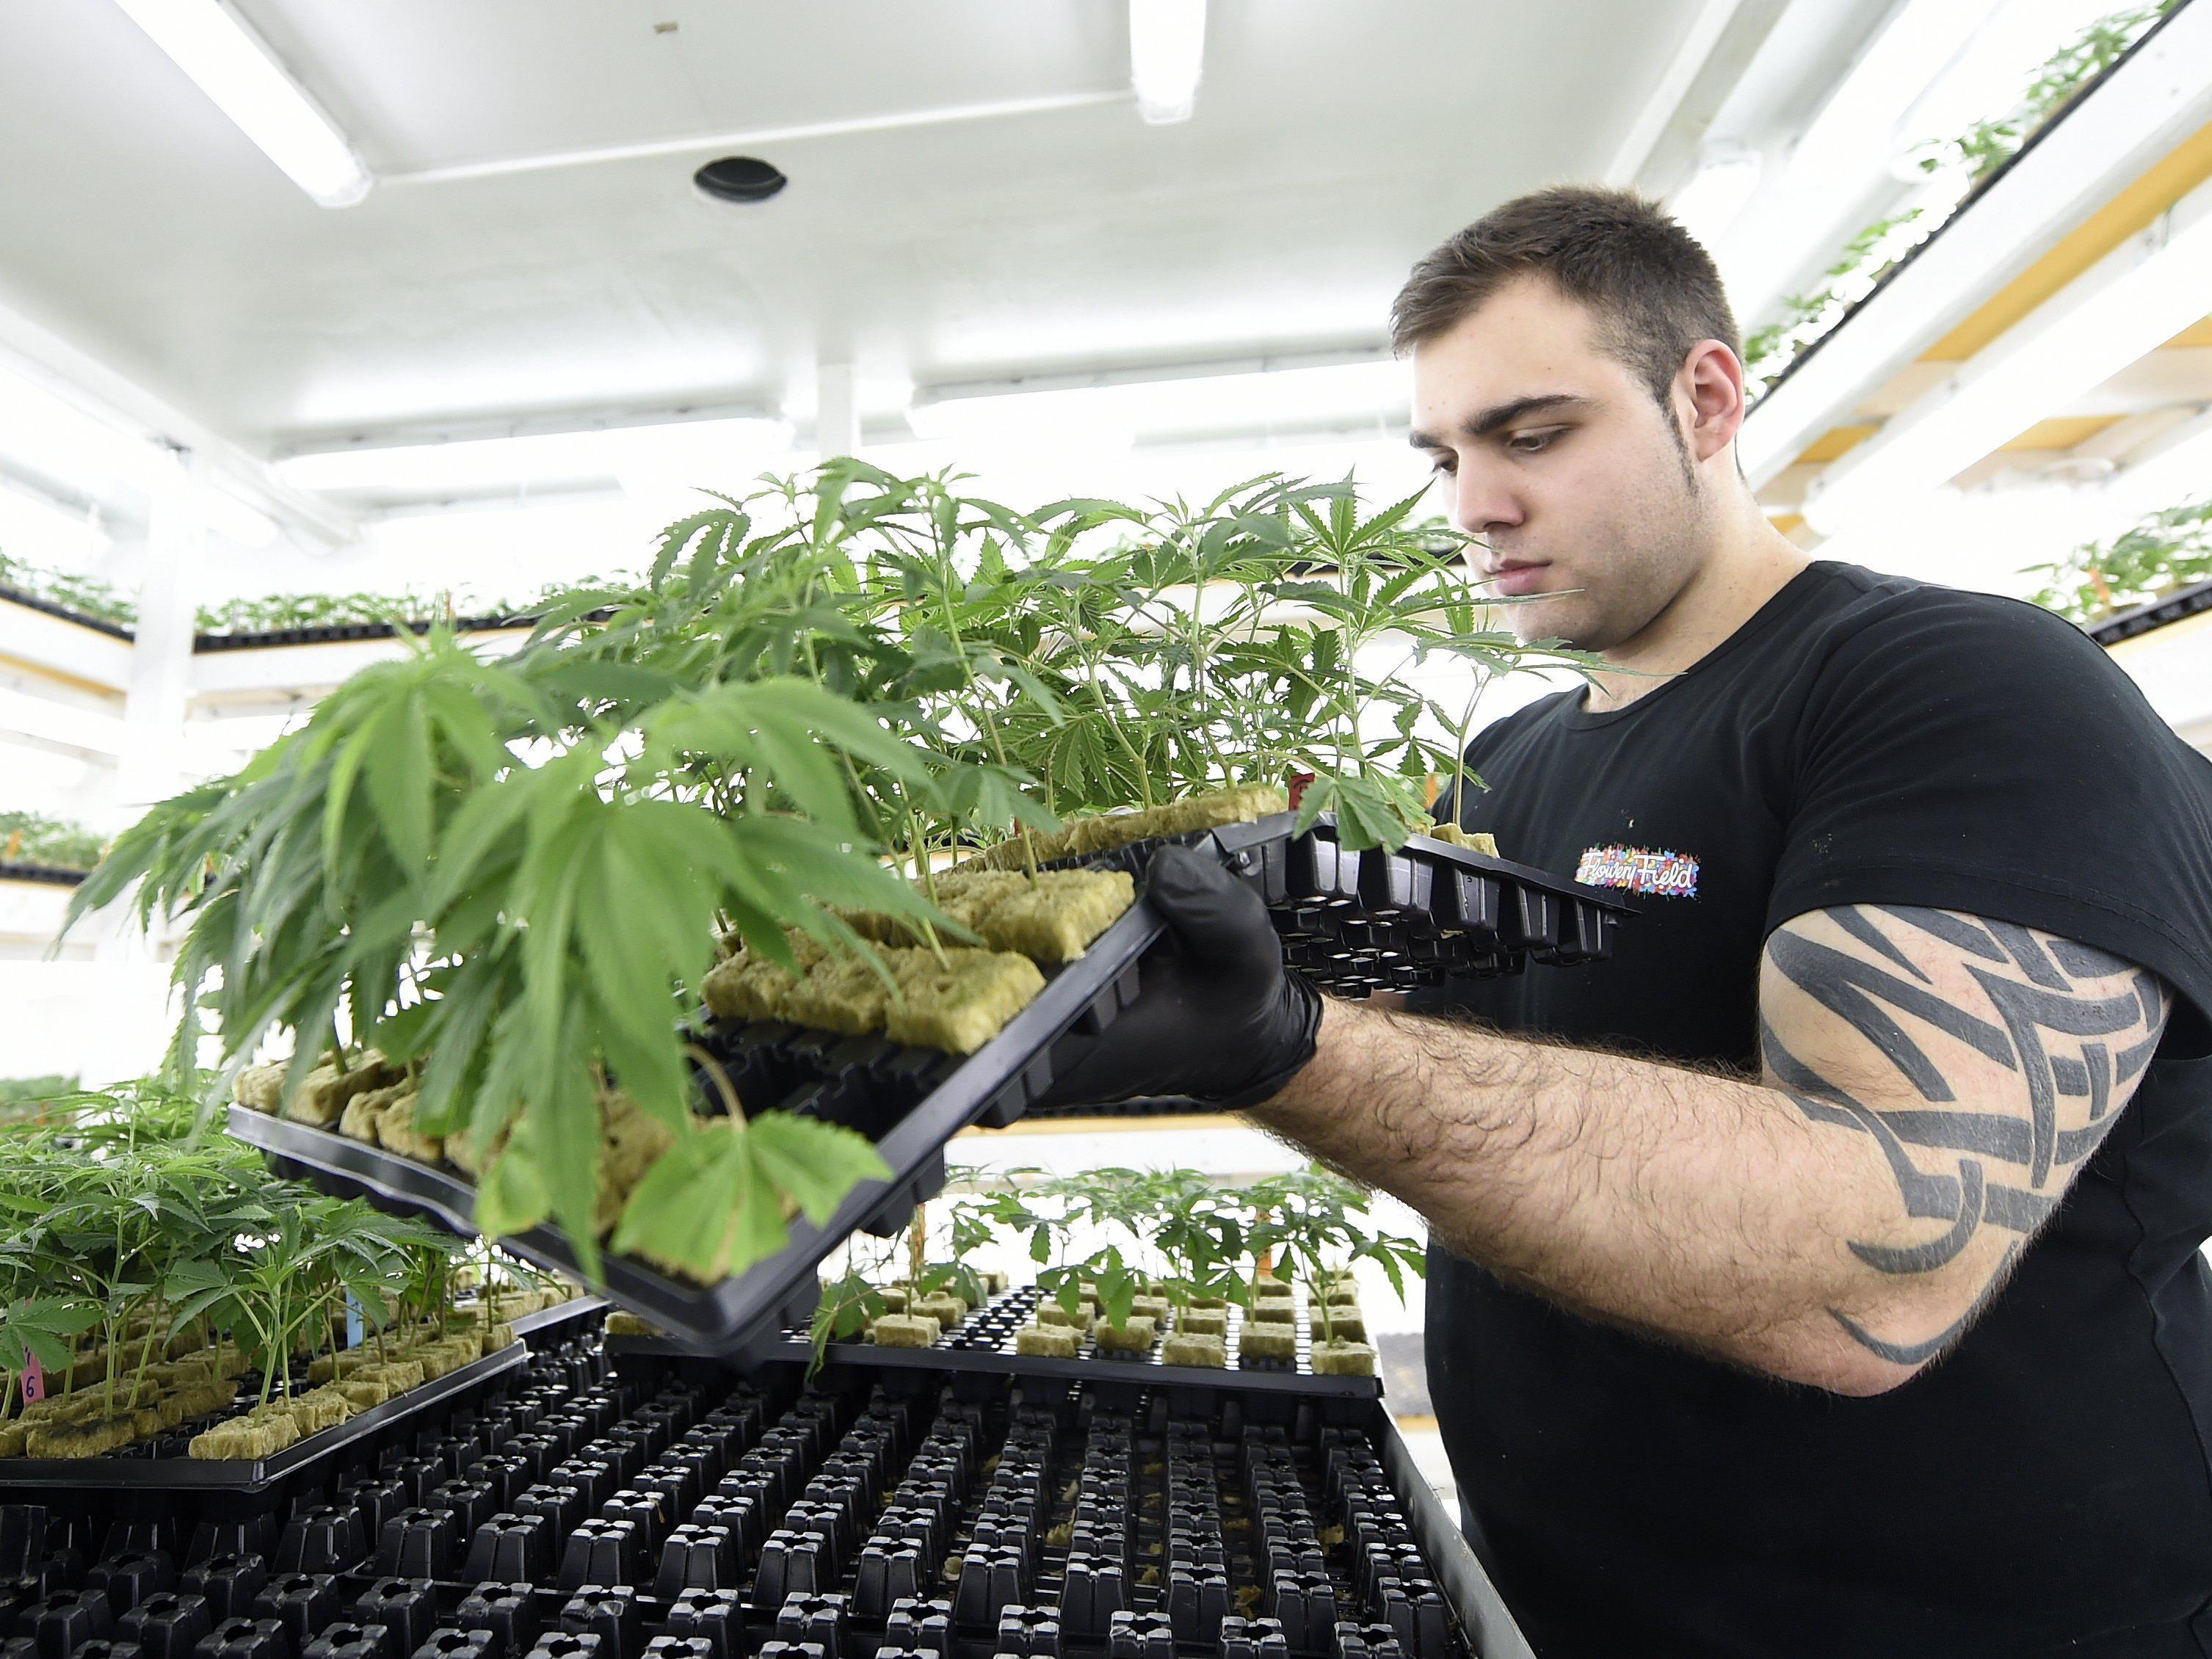 Grow-Geschäfte zwischen Zierpflanzenverkauf und Beitragstäterschaft.